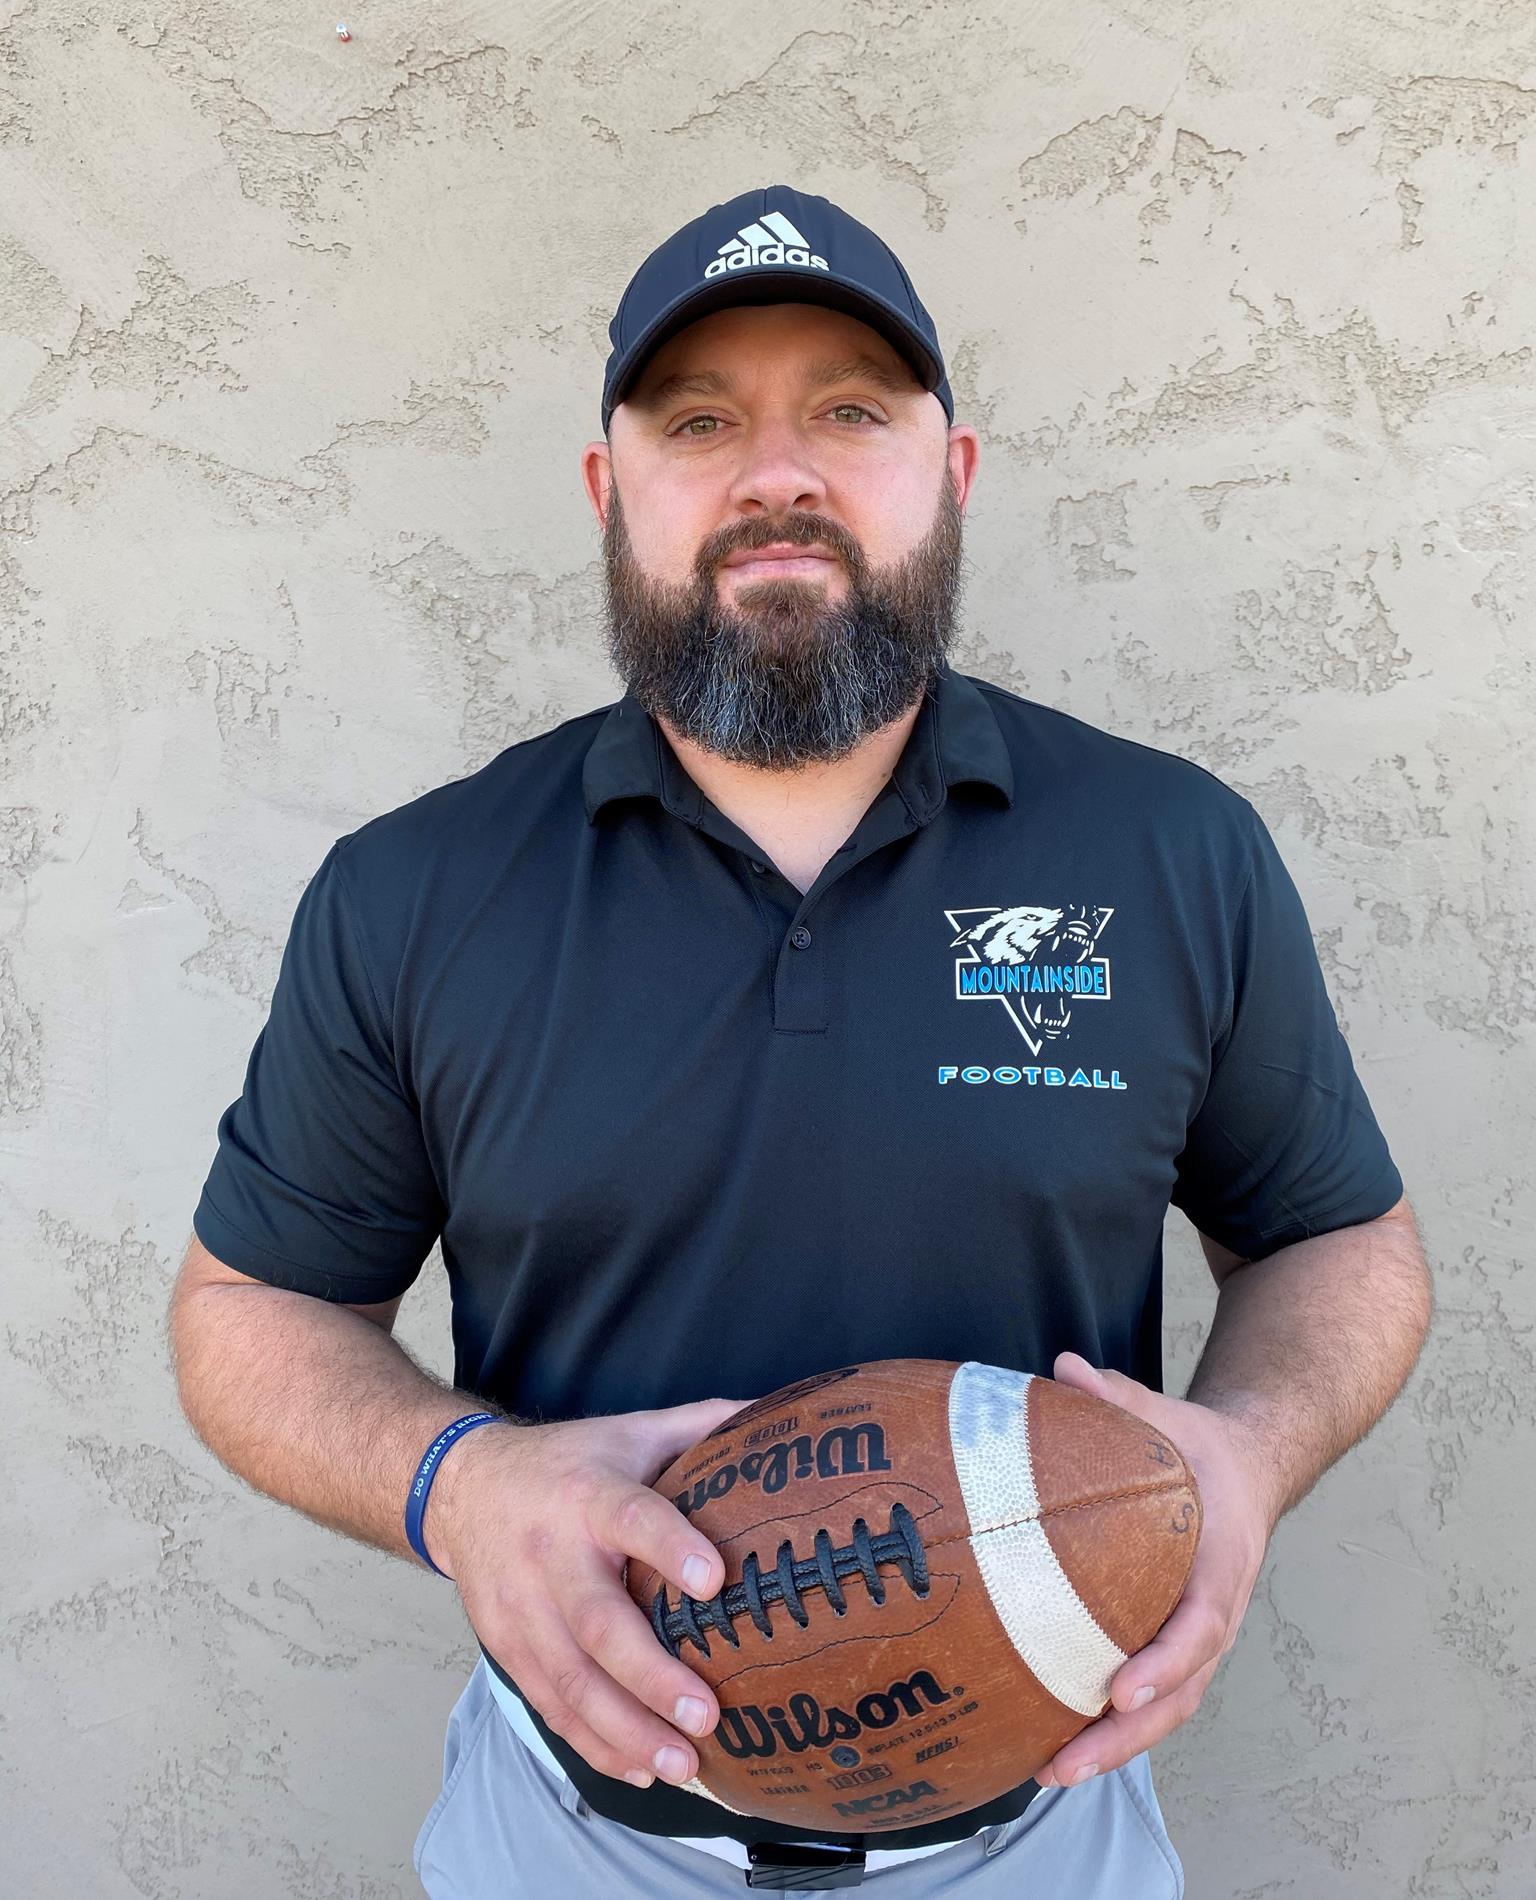 Coach Duane